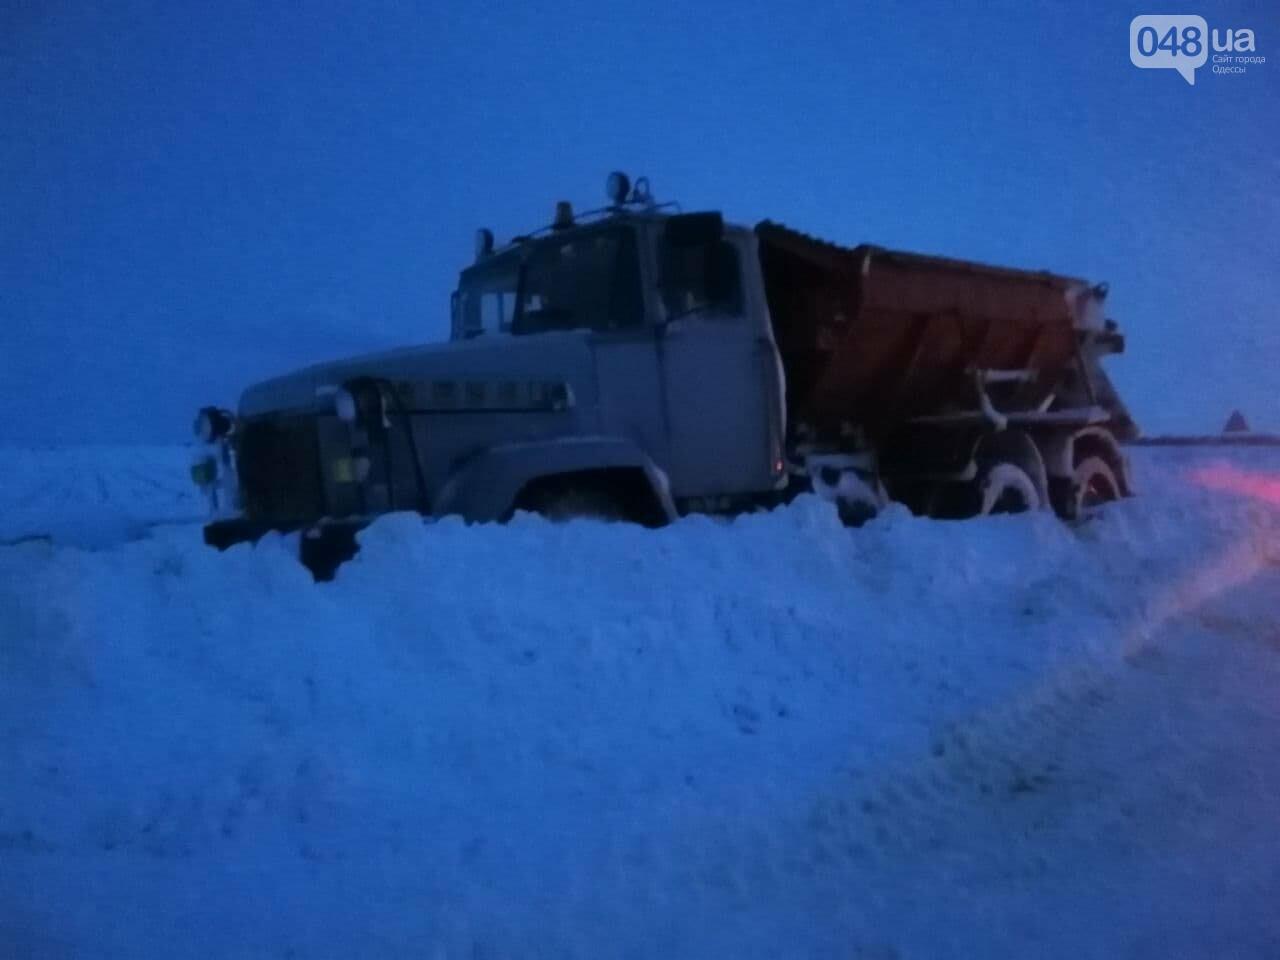 Трасса Одесса-Рени: брошенные автомобили, трактора и сугробы,- ВИДЕО, ФОТО, фото-18